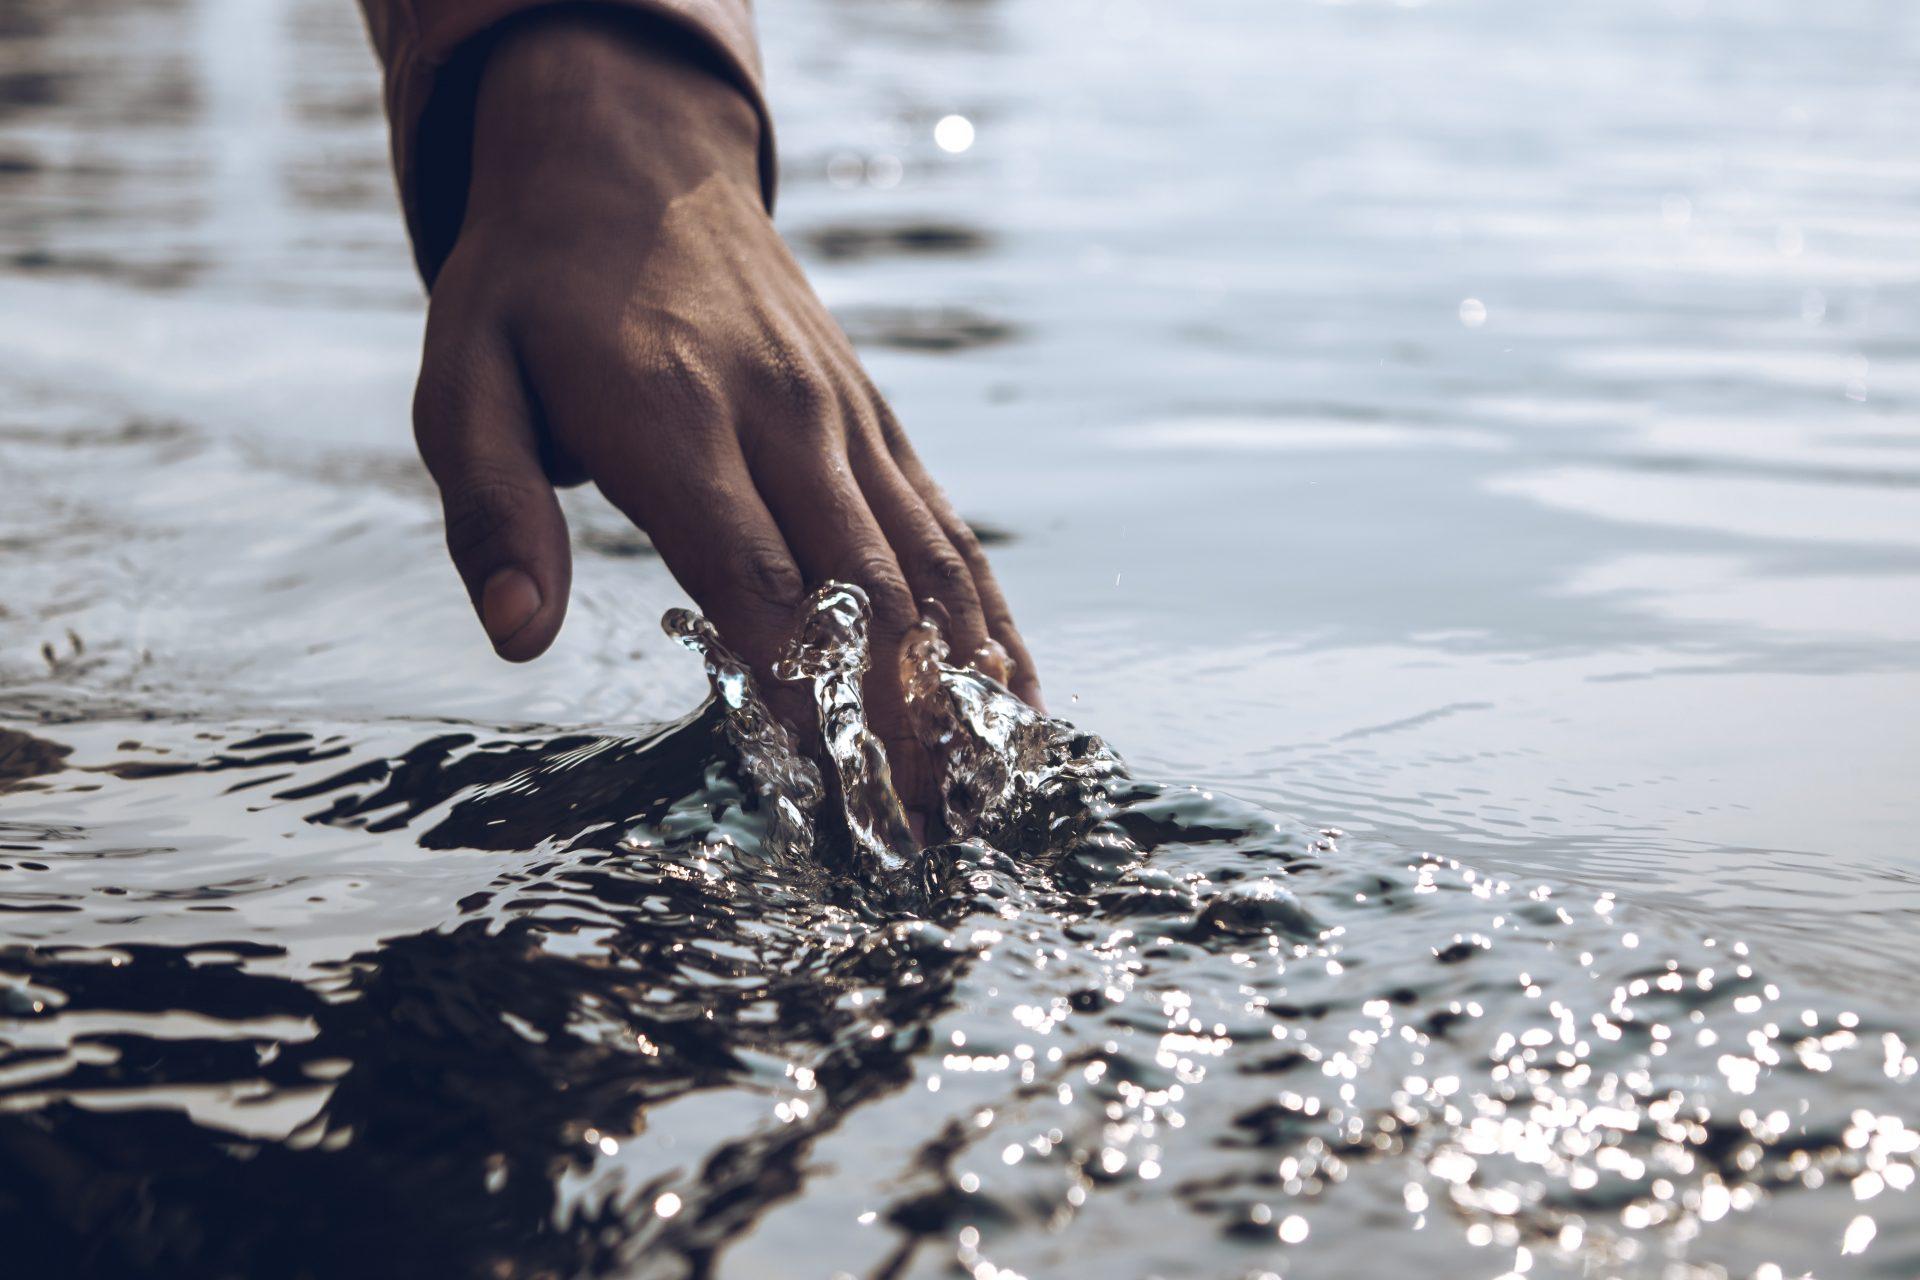 hand splashing the water